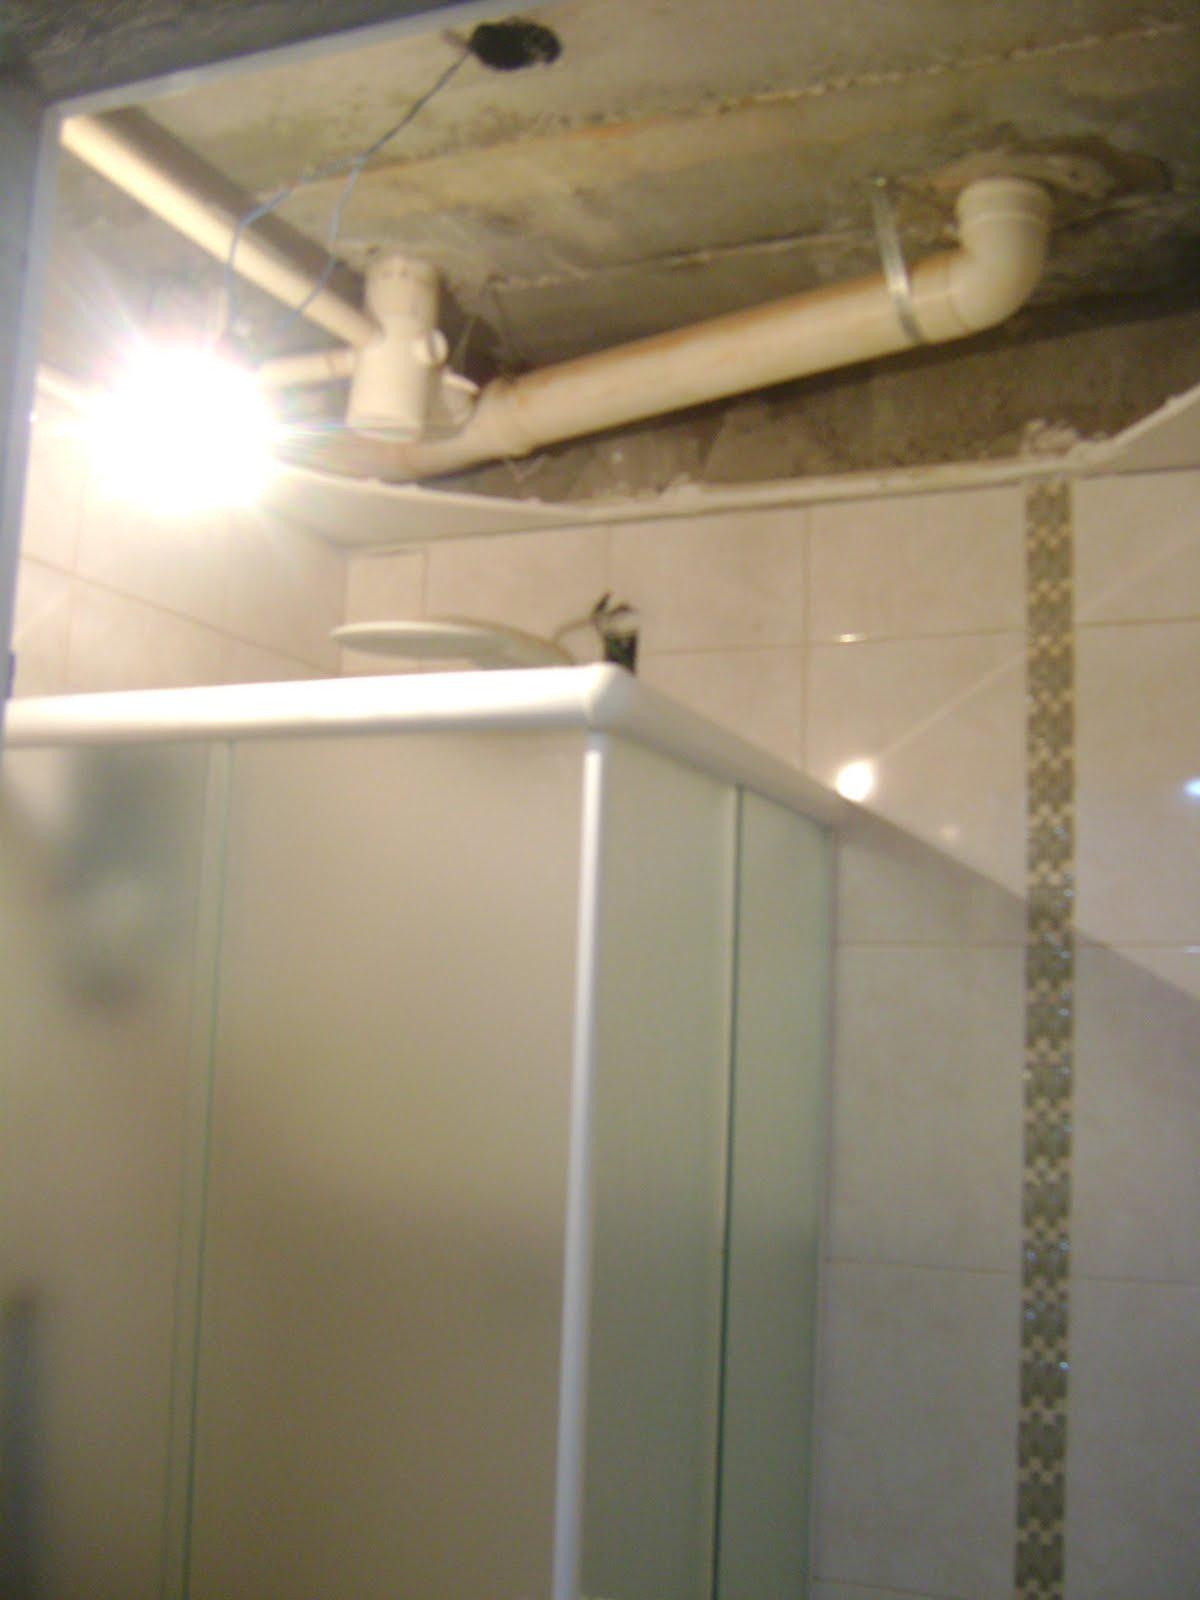 num passe de mágica olha o banheiro com o forro e a moldura de gesso  #8C6D3F 1200 1600